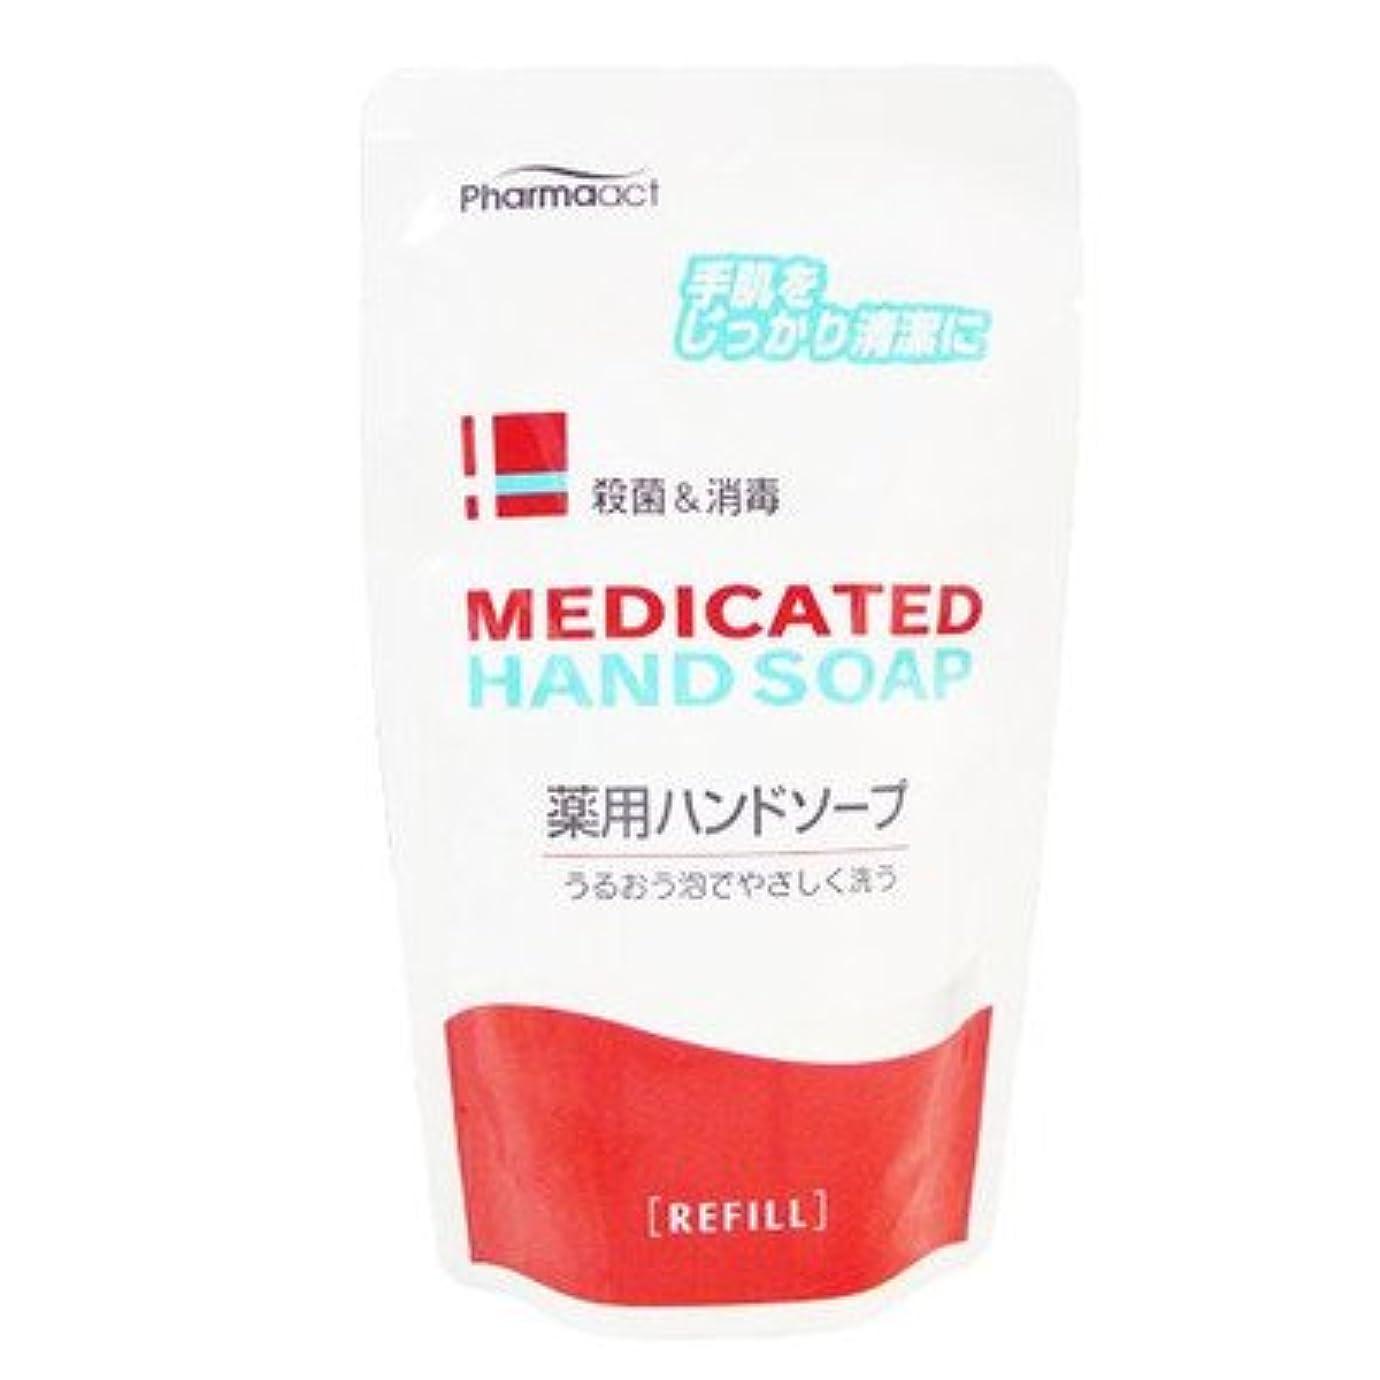 頭痛ペン回路Medicated 薬用ハンドソープ 殺菌+消毒 200ml【つめかえ用】(医薬部外品)